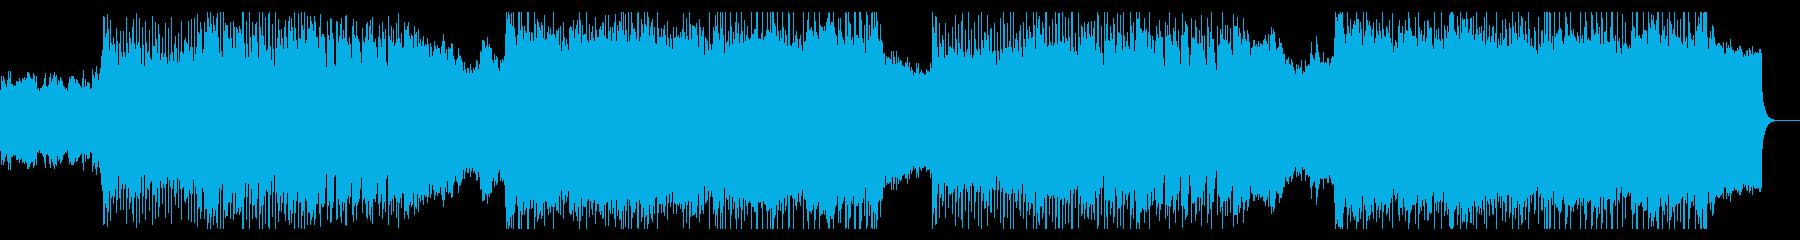 和風ヘヴィロック 戦いの始まりをイメージの再生済みの波形